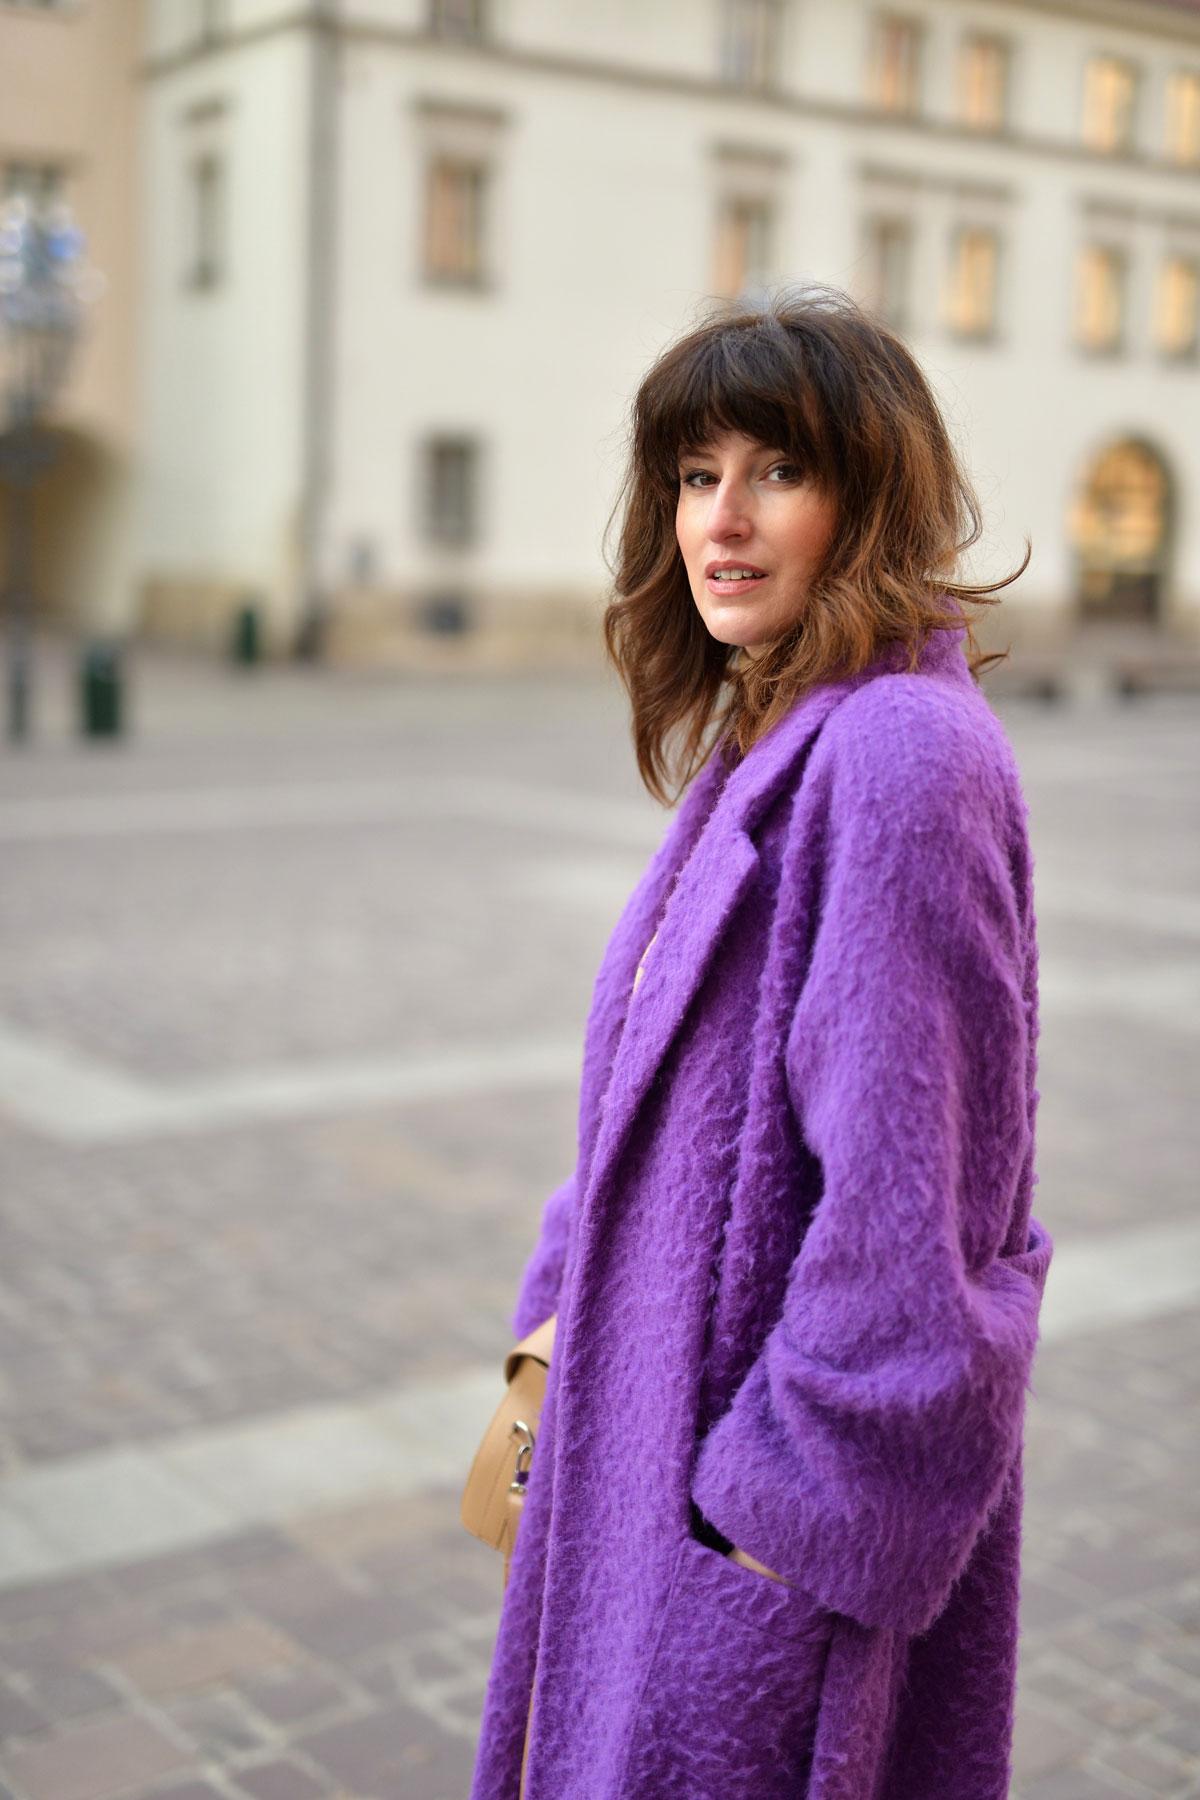 fioletowy-płaszcz-1